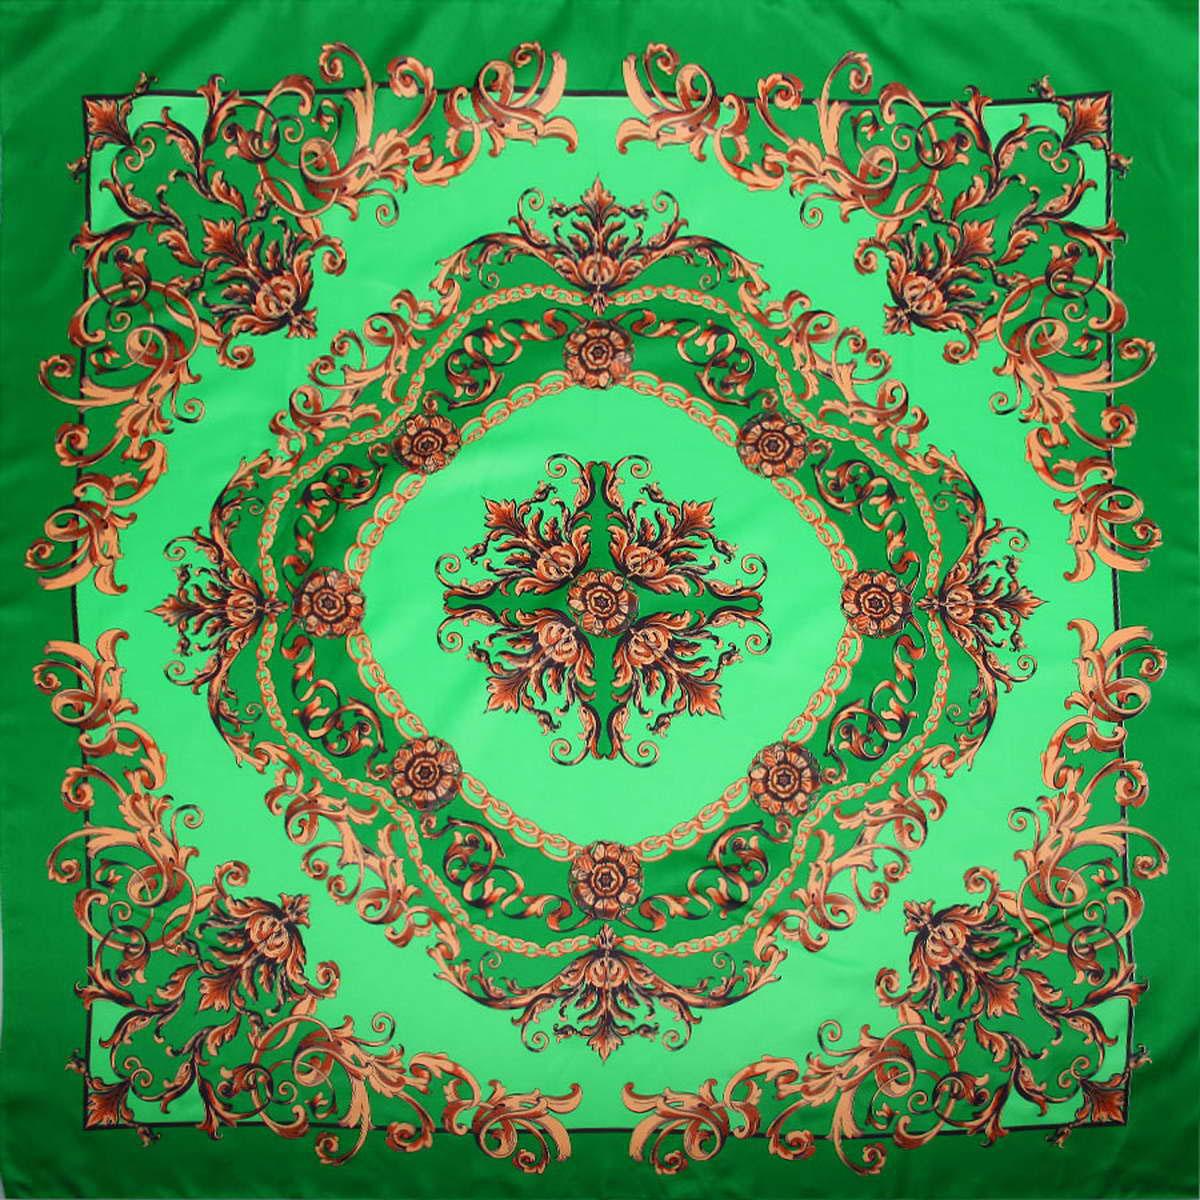 Платок женский Venera, цвет: зеленый. 3904472-3. Размер 90 см х 90 см3904472-3Стильный женский платок Venera изготовлен из качественного и легкого полиэстера, будет самым универсальным вариантом для повседневного аксессуара.Великолепный насыщенный цвет и оригинальный принт, напоминающий узор аристократичного стиля, будут придавать любому вашему наряду изысканности, подчеркивать женственность и стильность.Классическая квадратная форма позволяет носить платок на шее, украшать им прическу или декорировать сумочку.Такой платок превосходно дополнит любой наряд и подчеркнет ваш неповторимый вкус и элегантность.